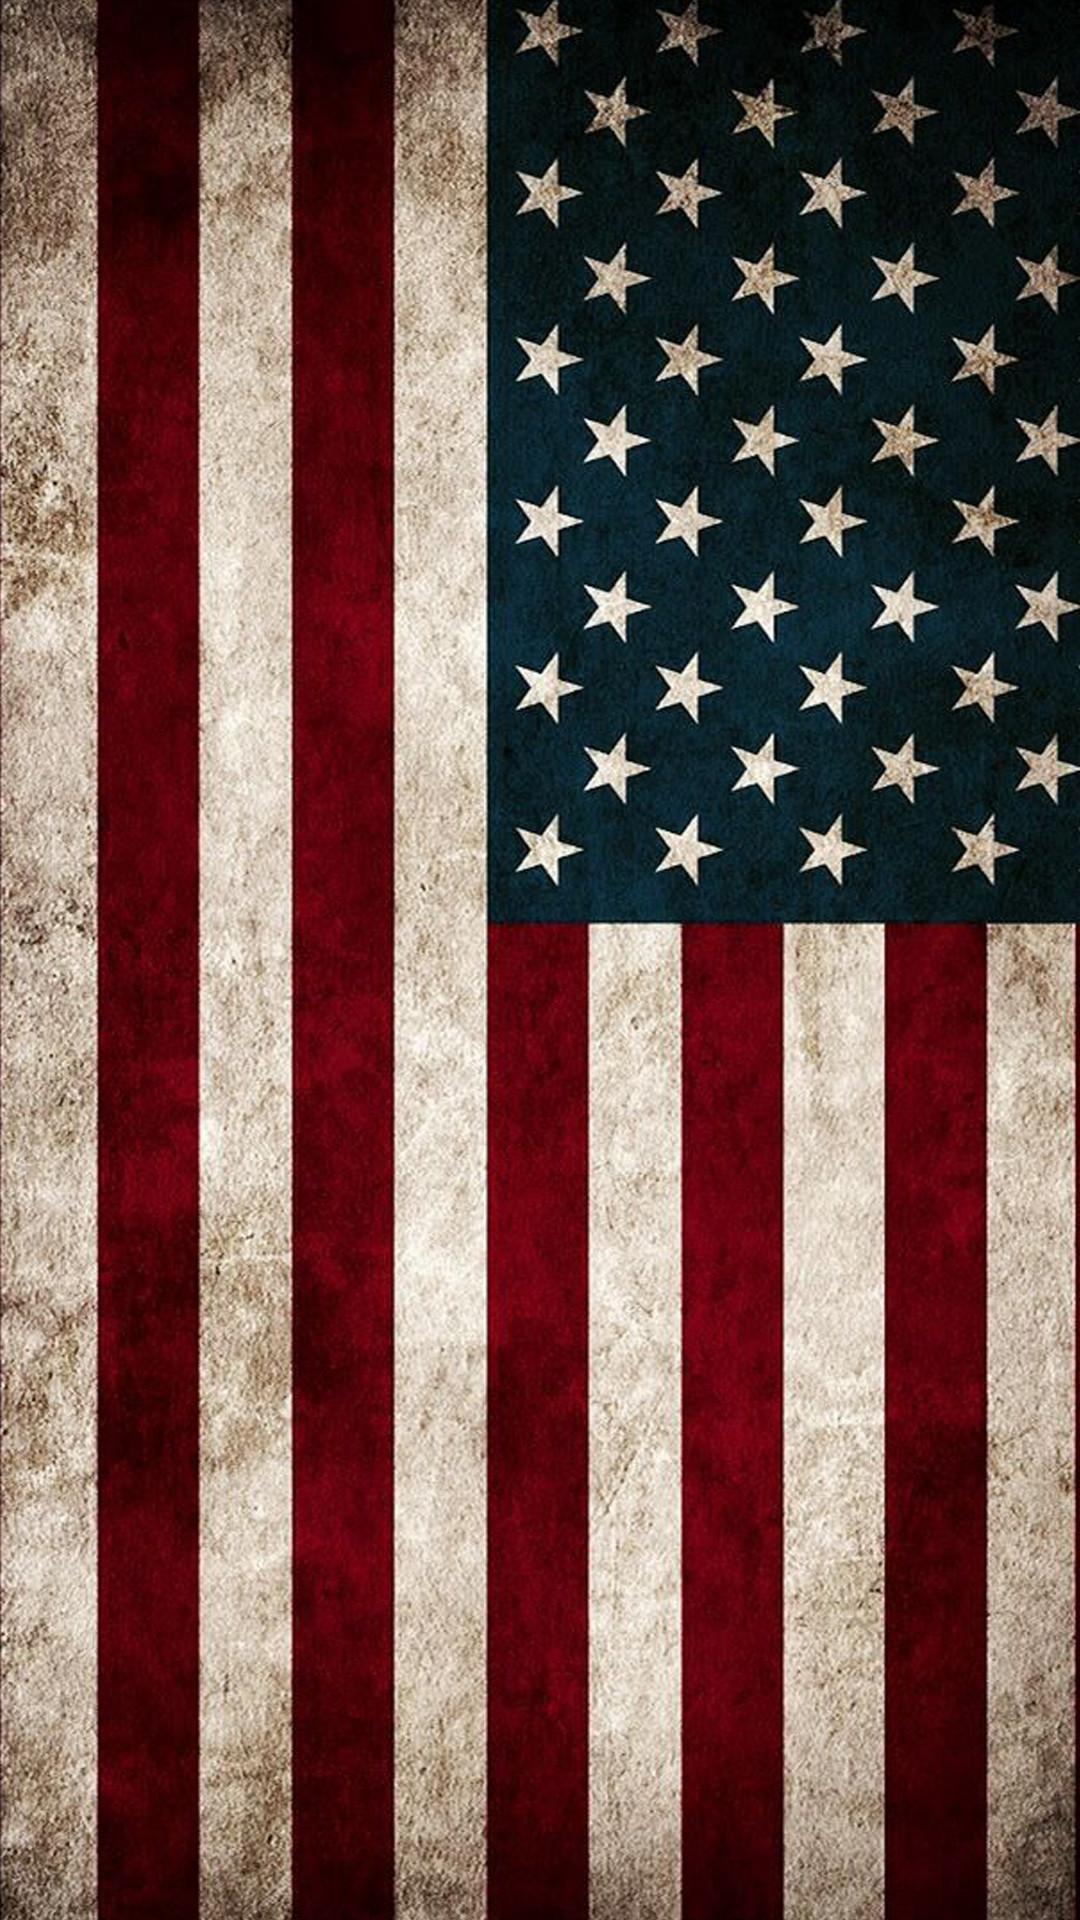 Rustic American Flag Wallpaper 49 Images